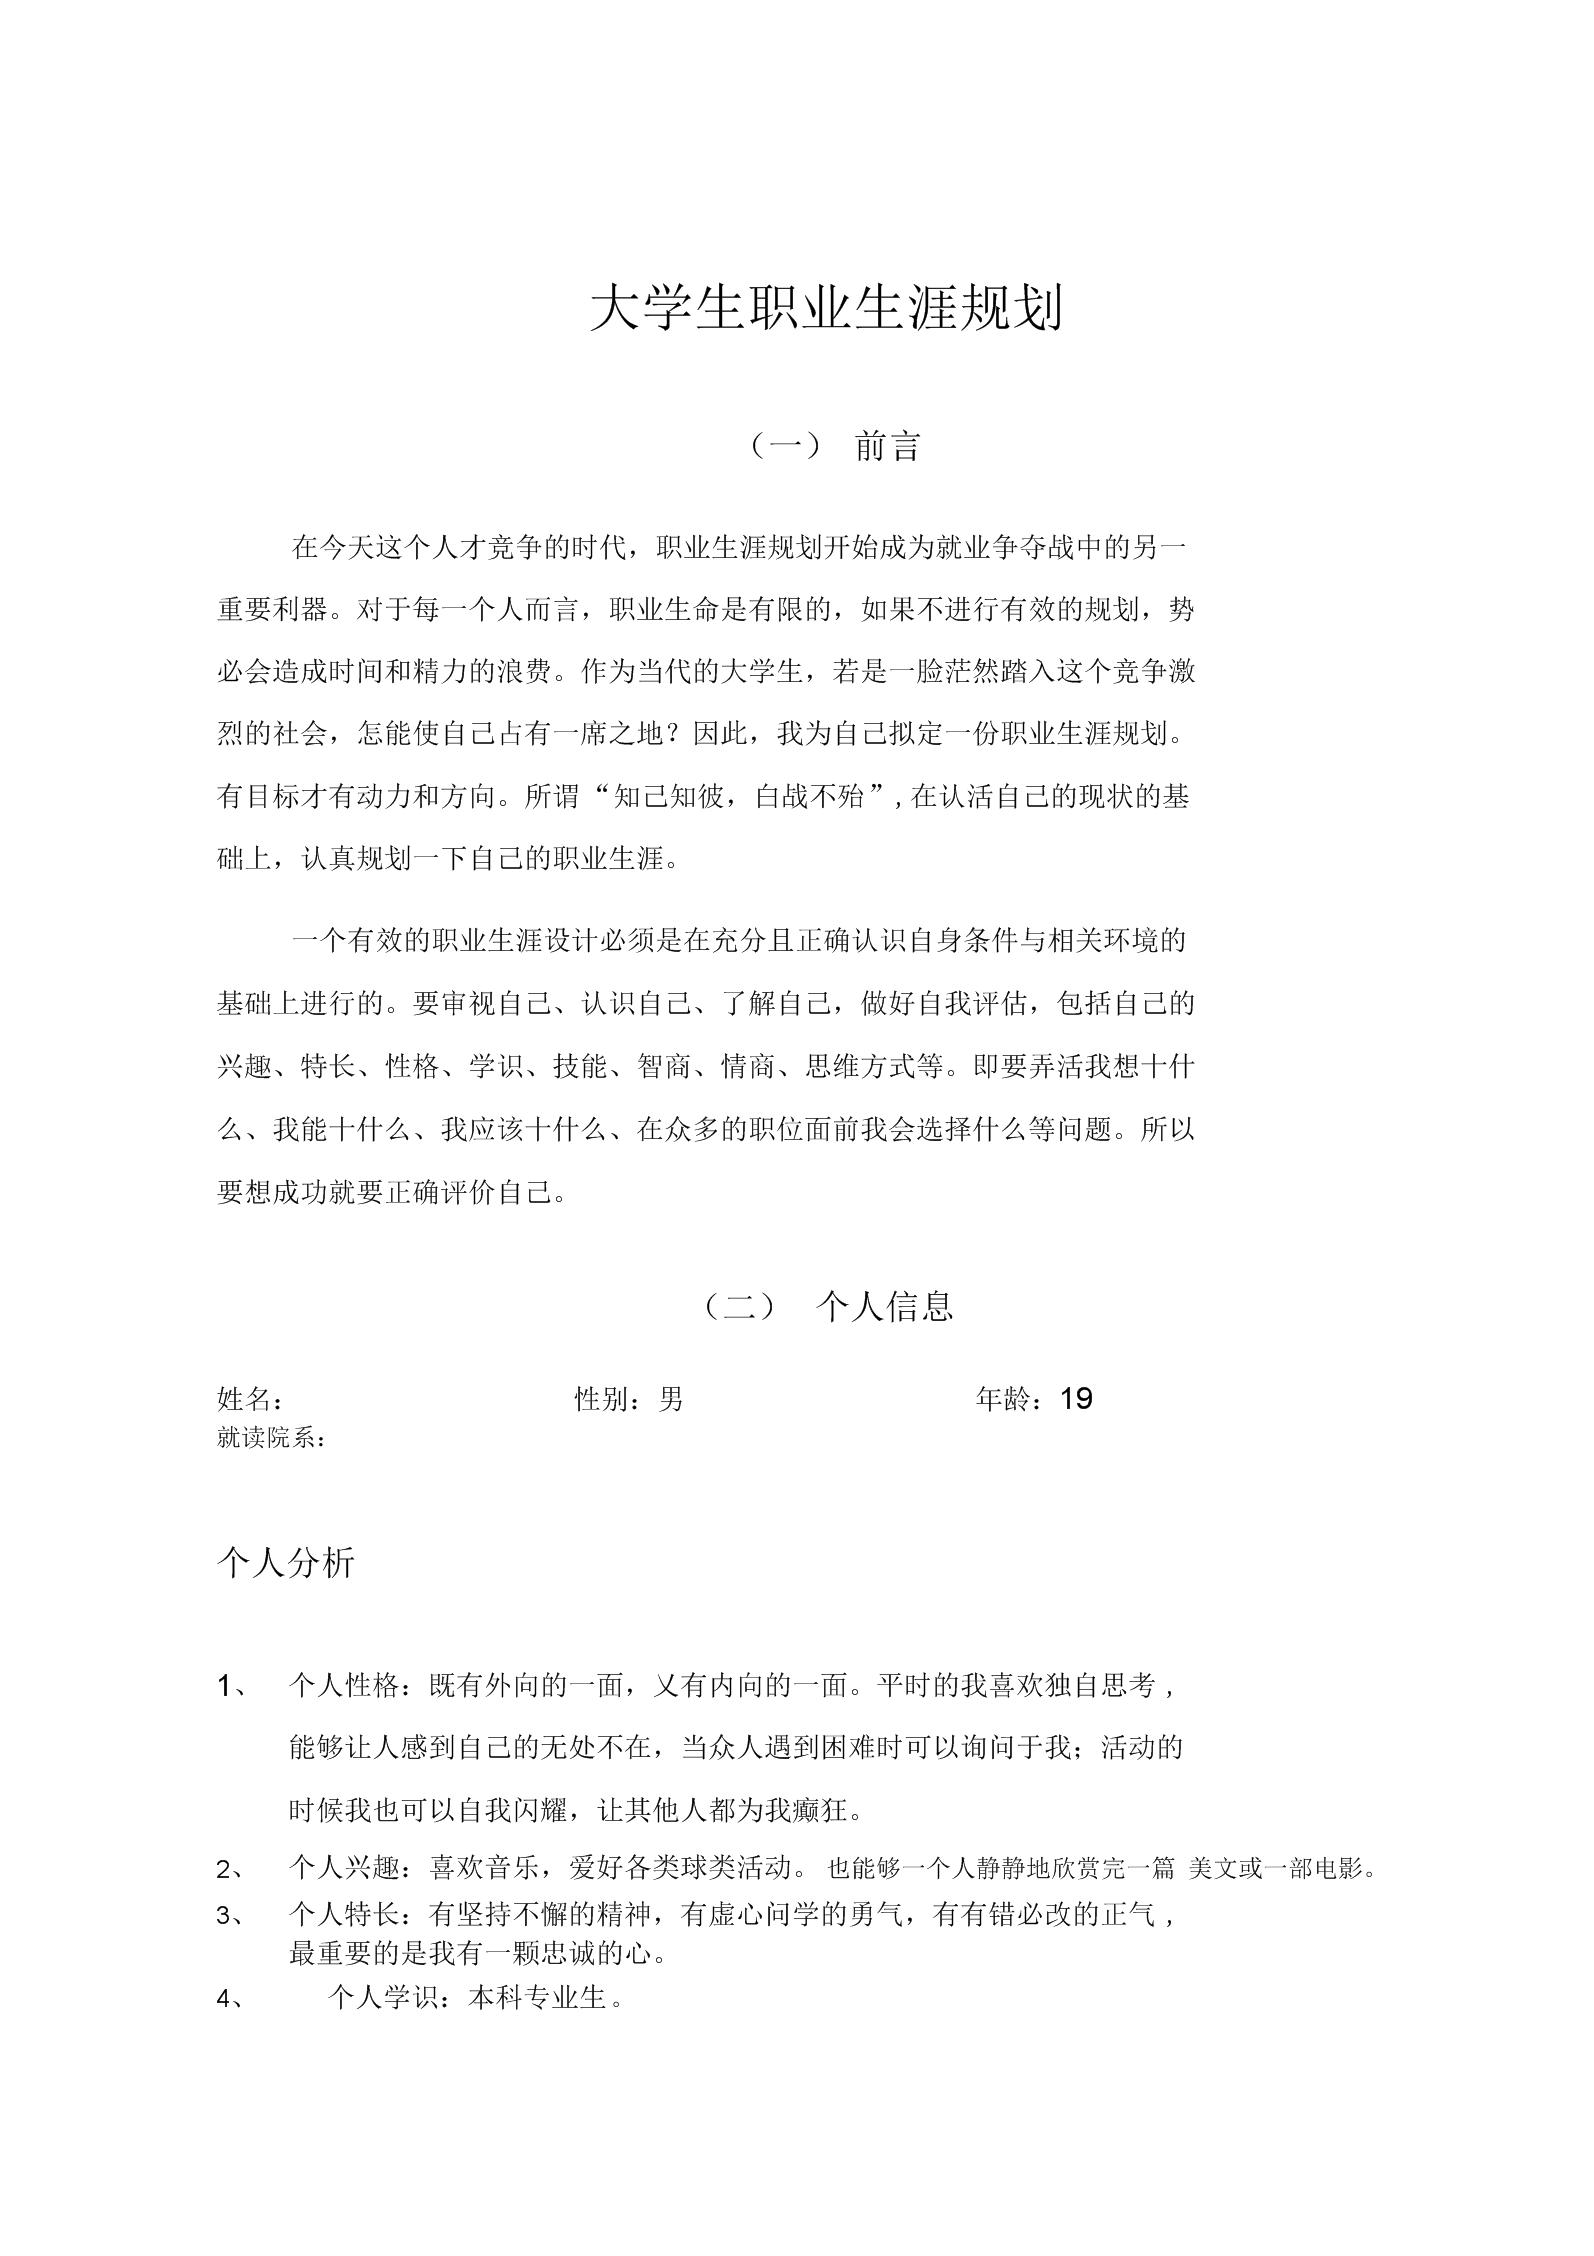 心理专业大学生职业生涯规划.docx